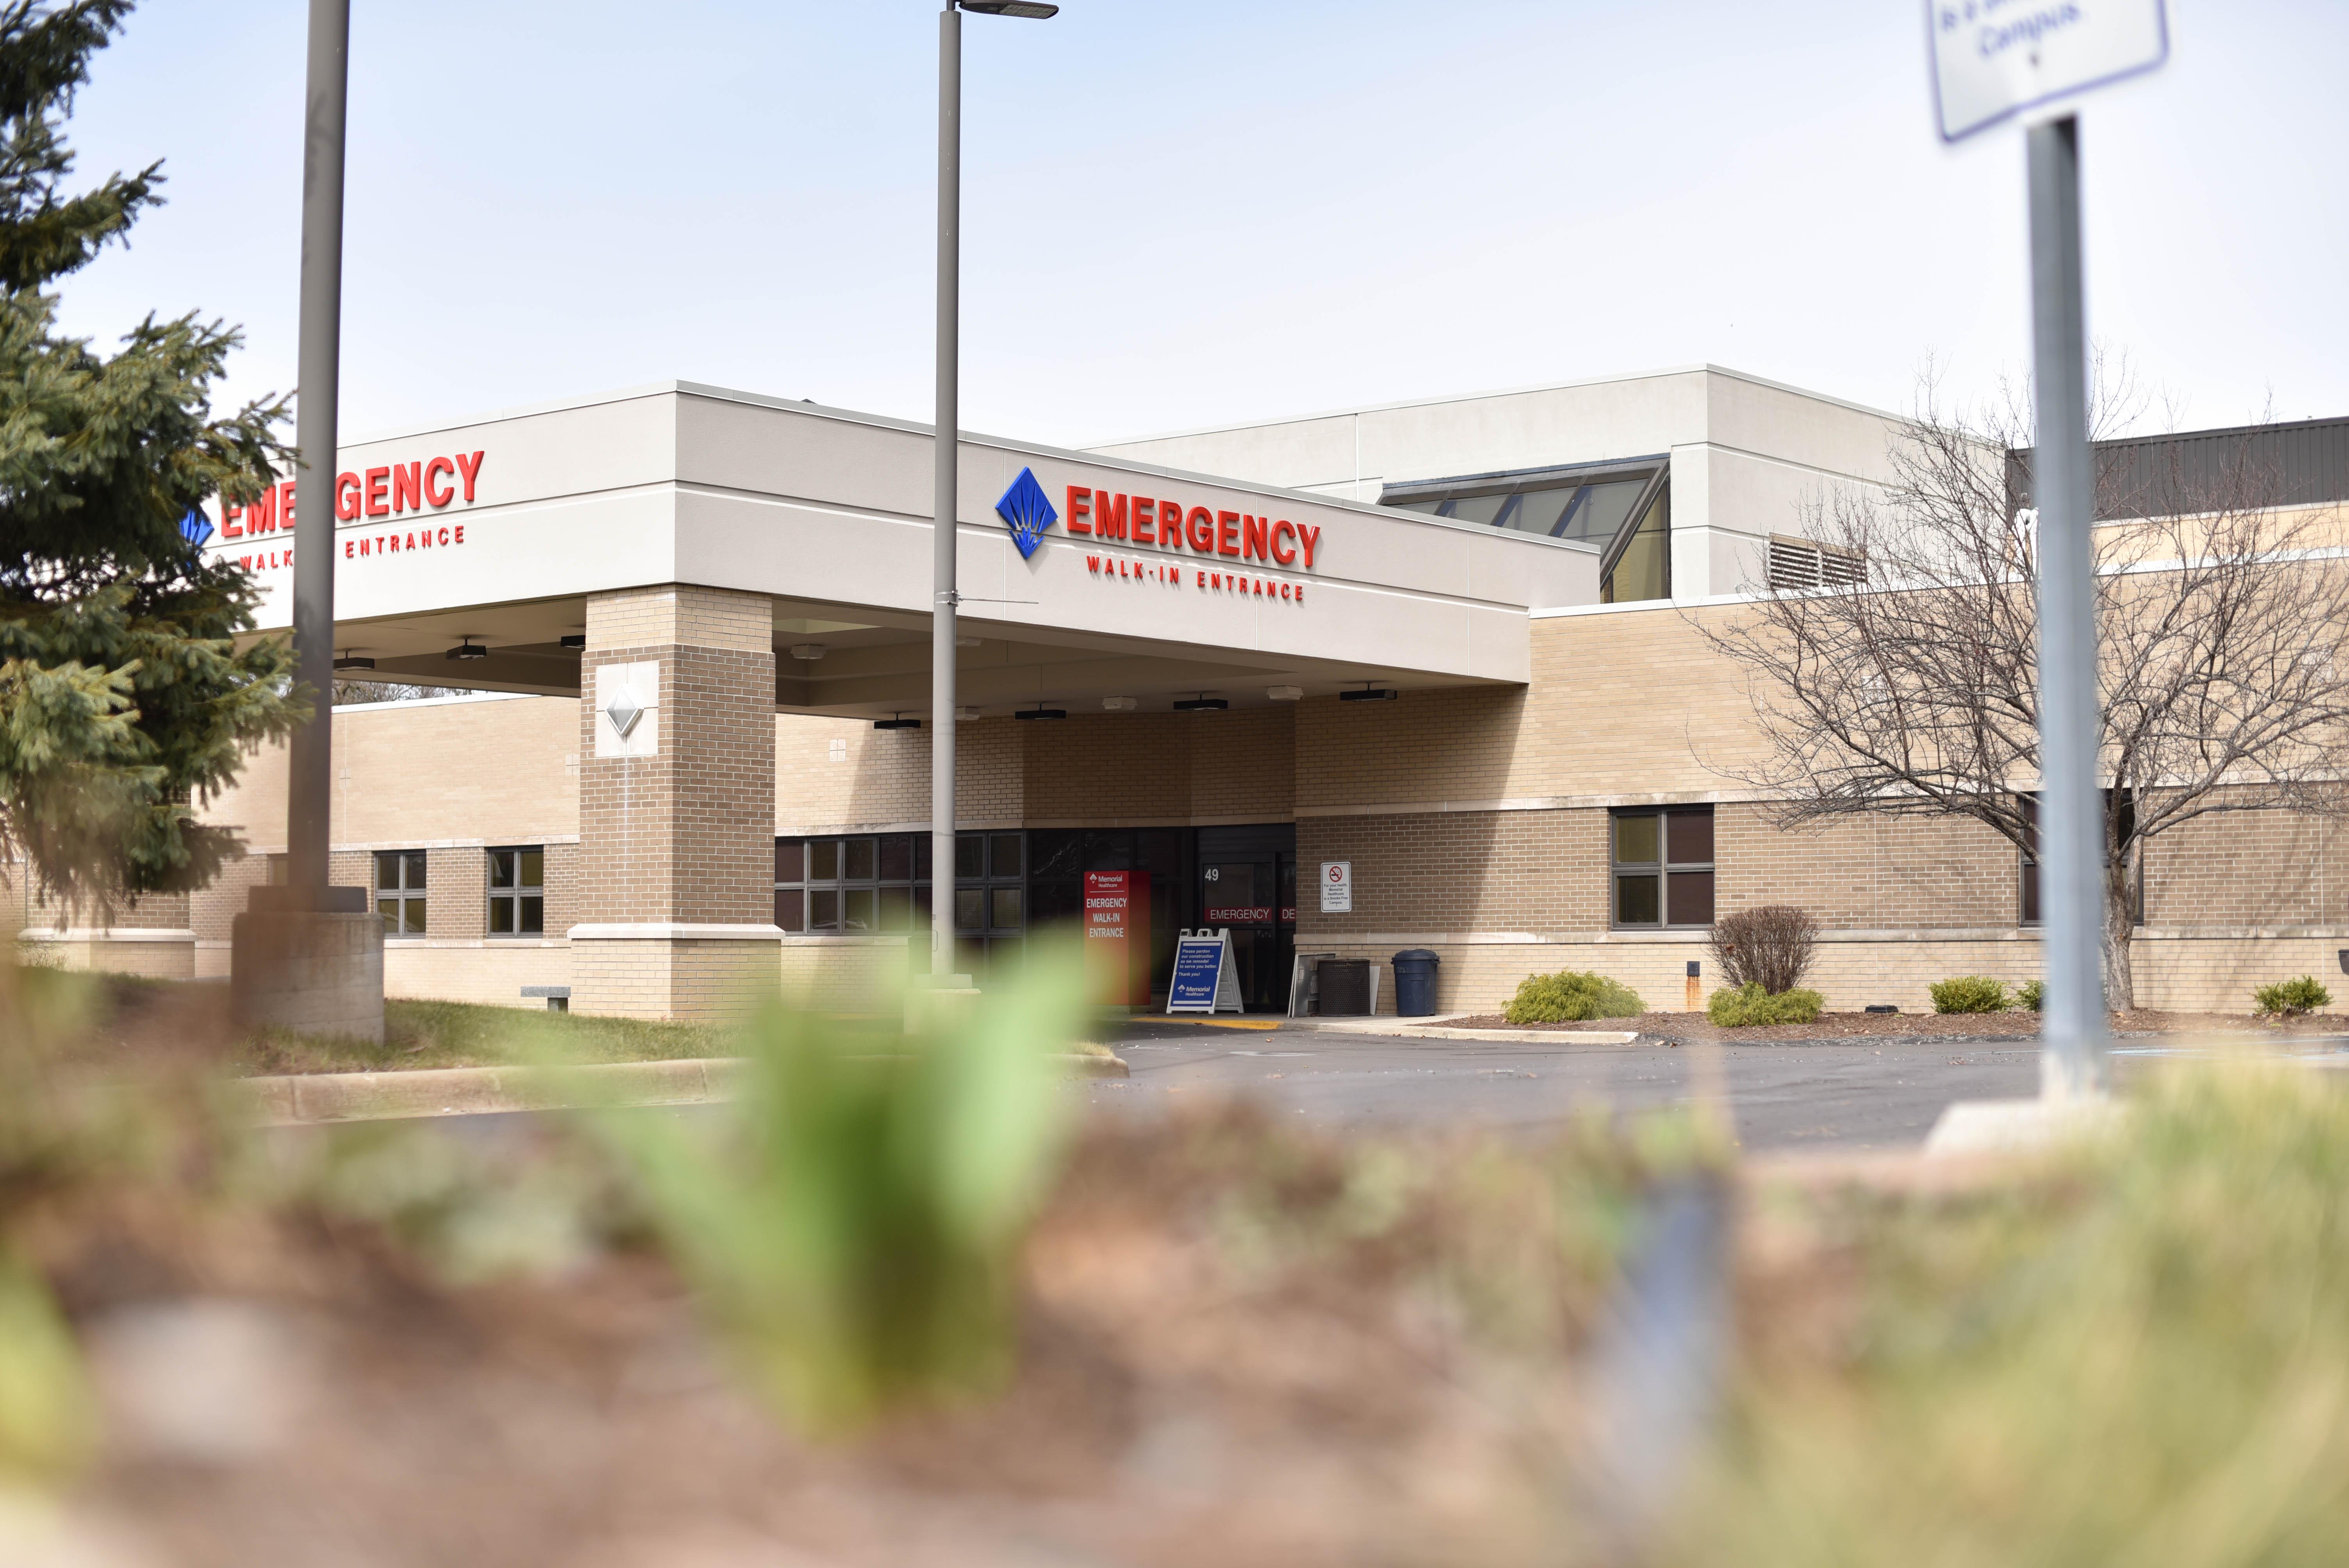 Emergency Medicine - Memorial Healthcare